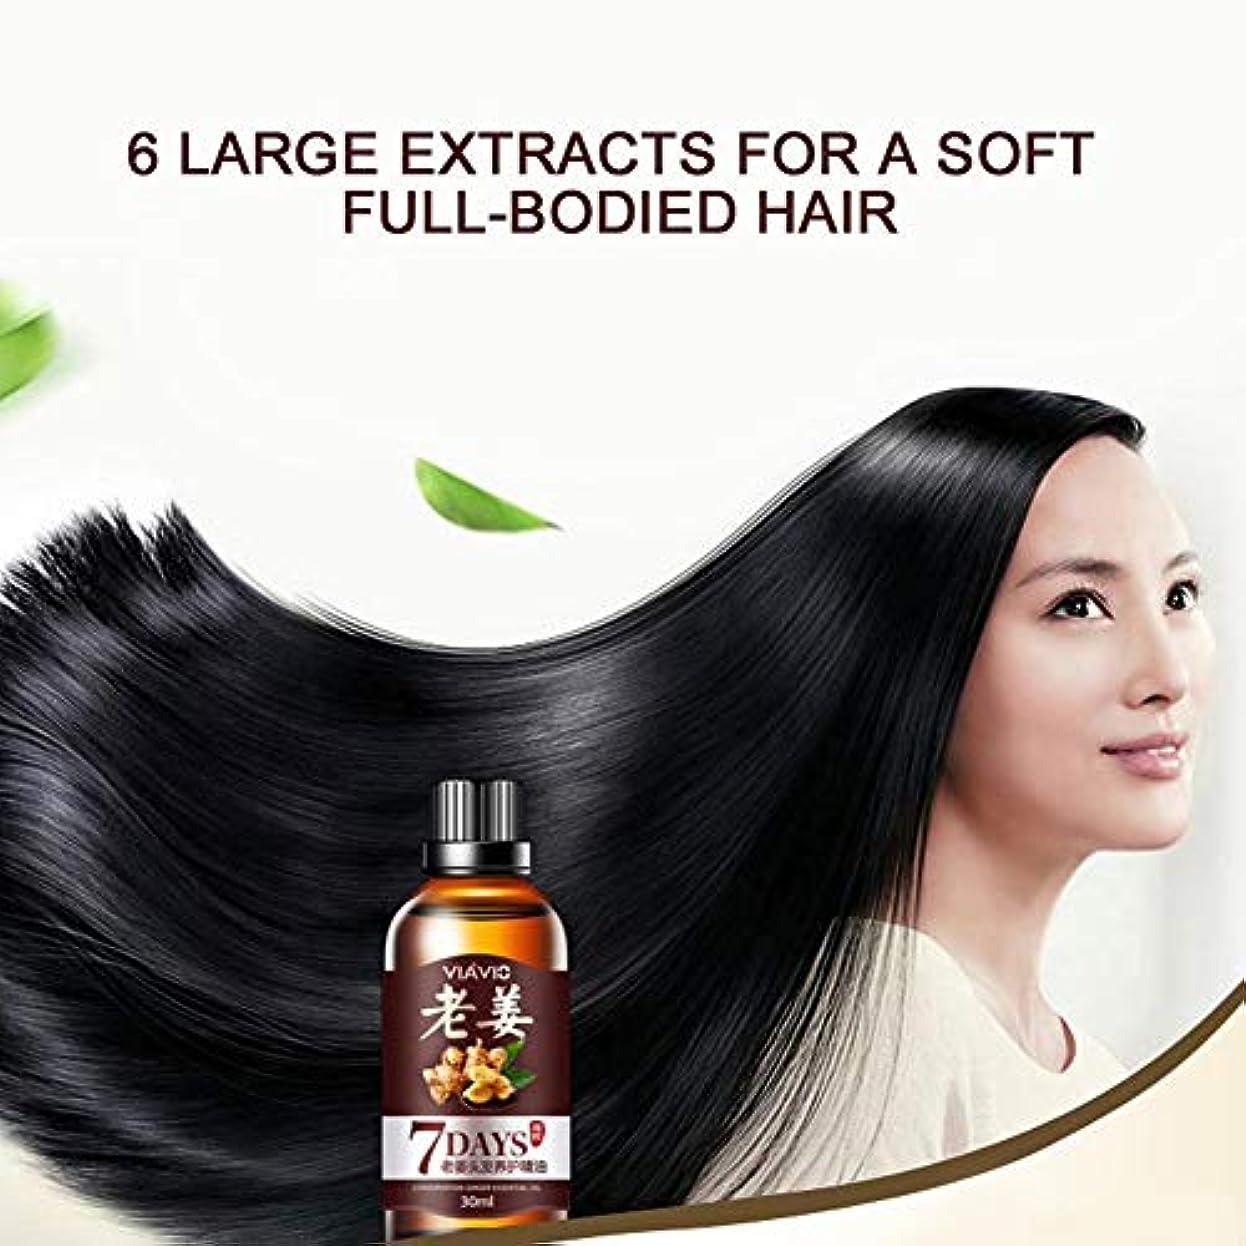 宗教的なリストシェアBETTER YOU (ベター ュー) 育毛剤 抜け毛防止する 髪の量と密度を増やす